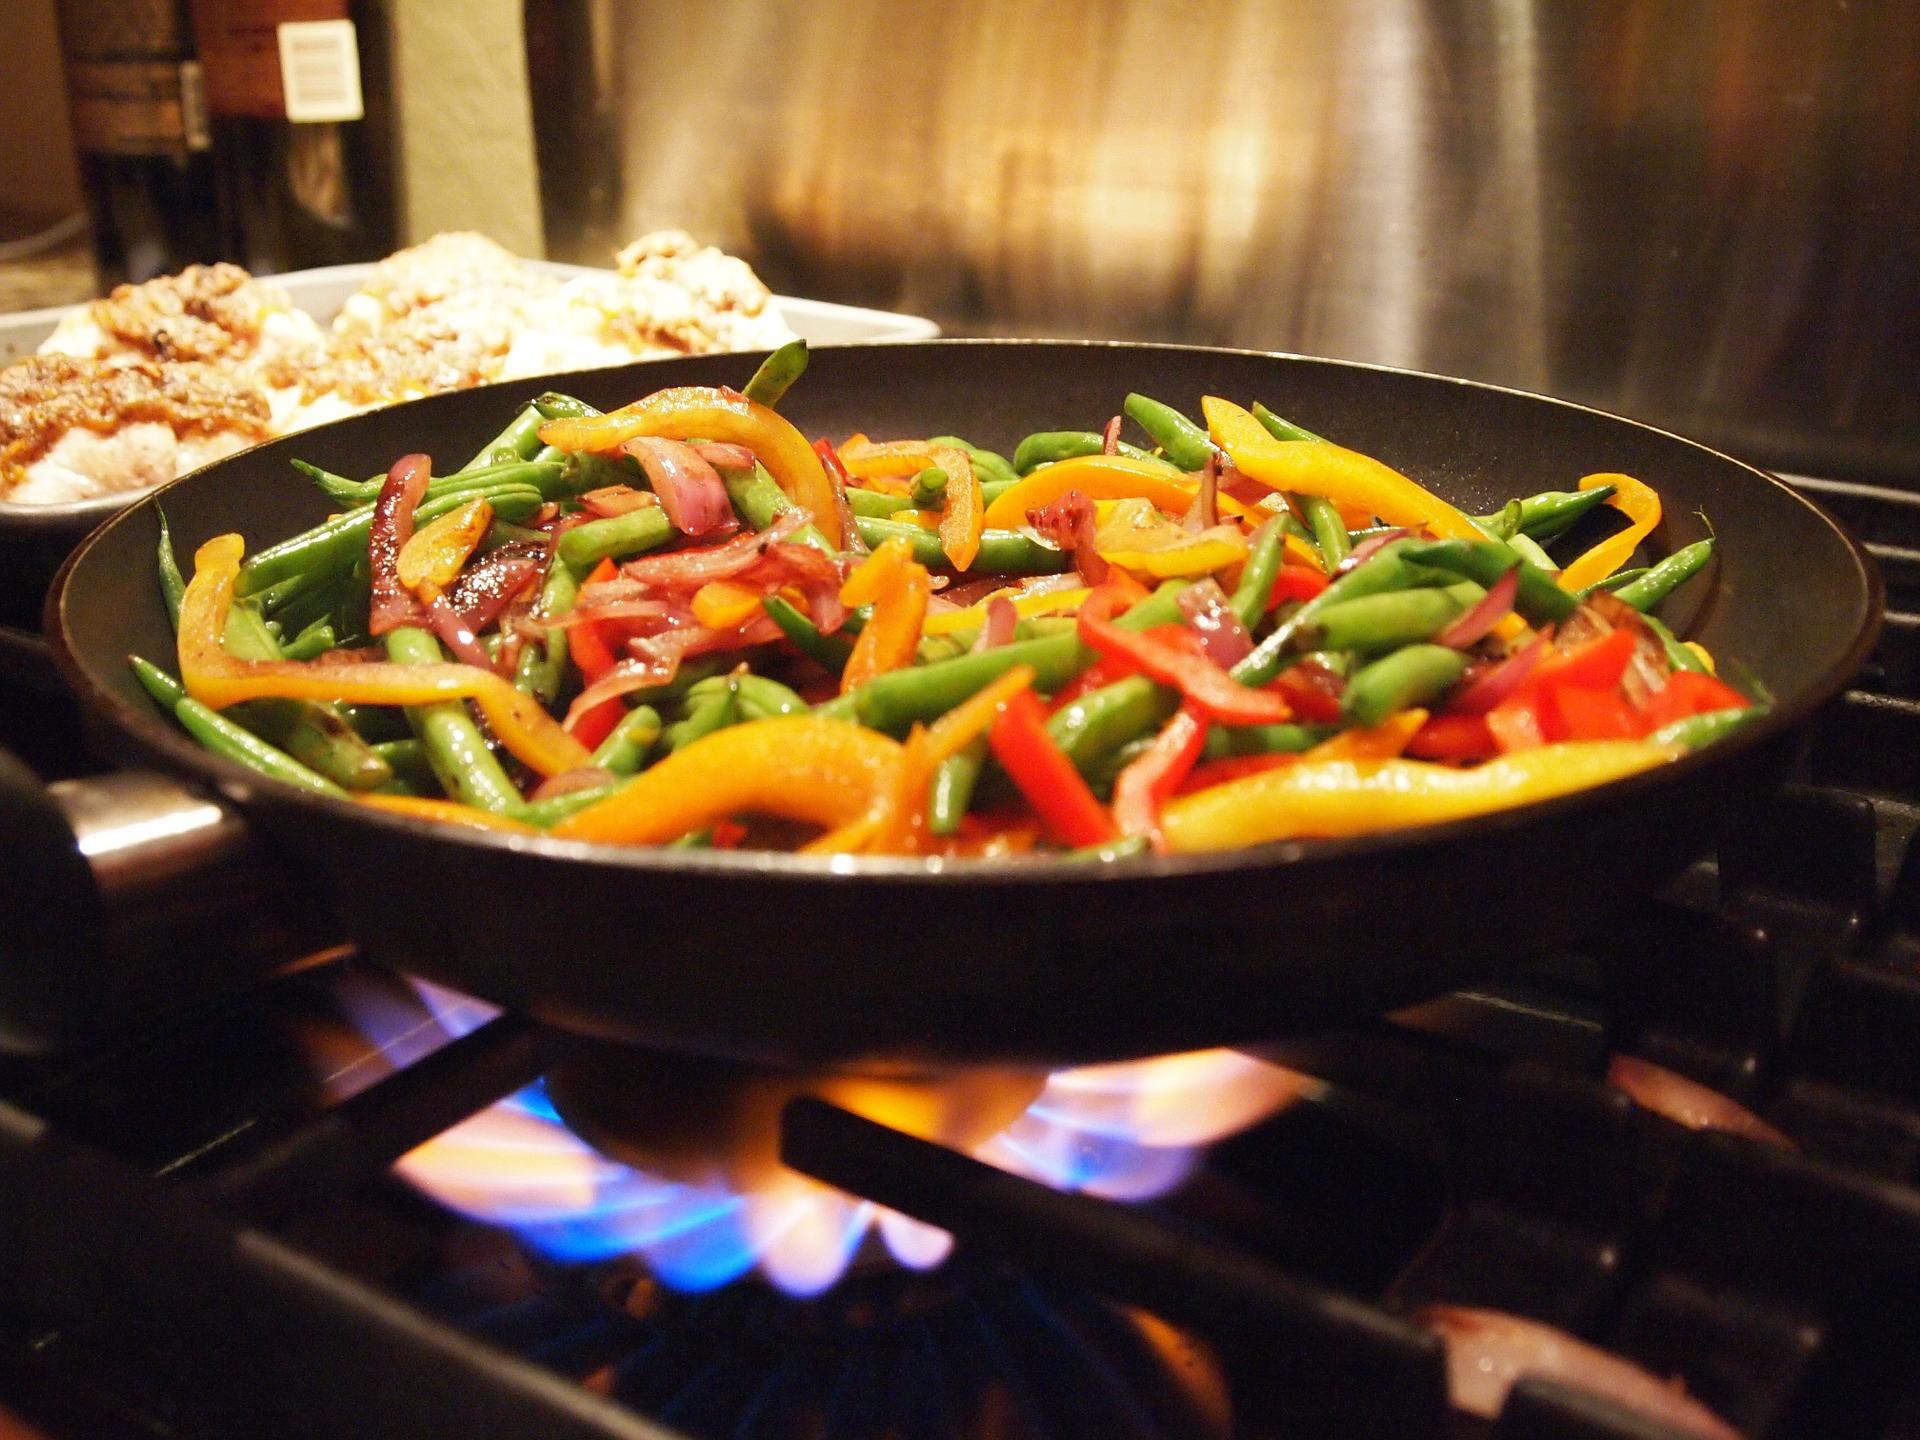 Stir fry (photo: Cara Mia Gudelis)